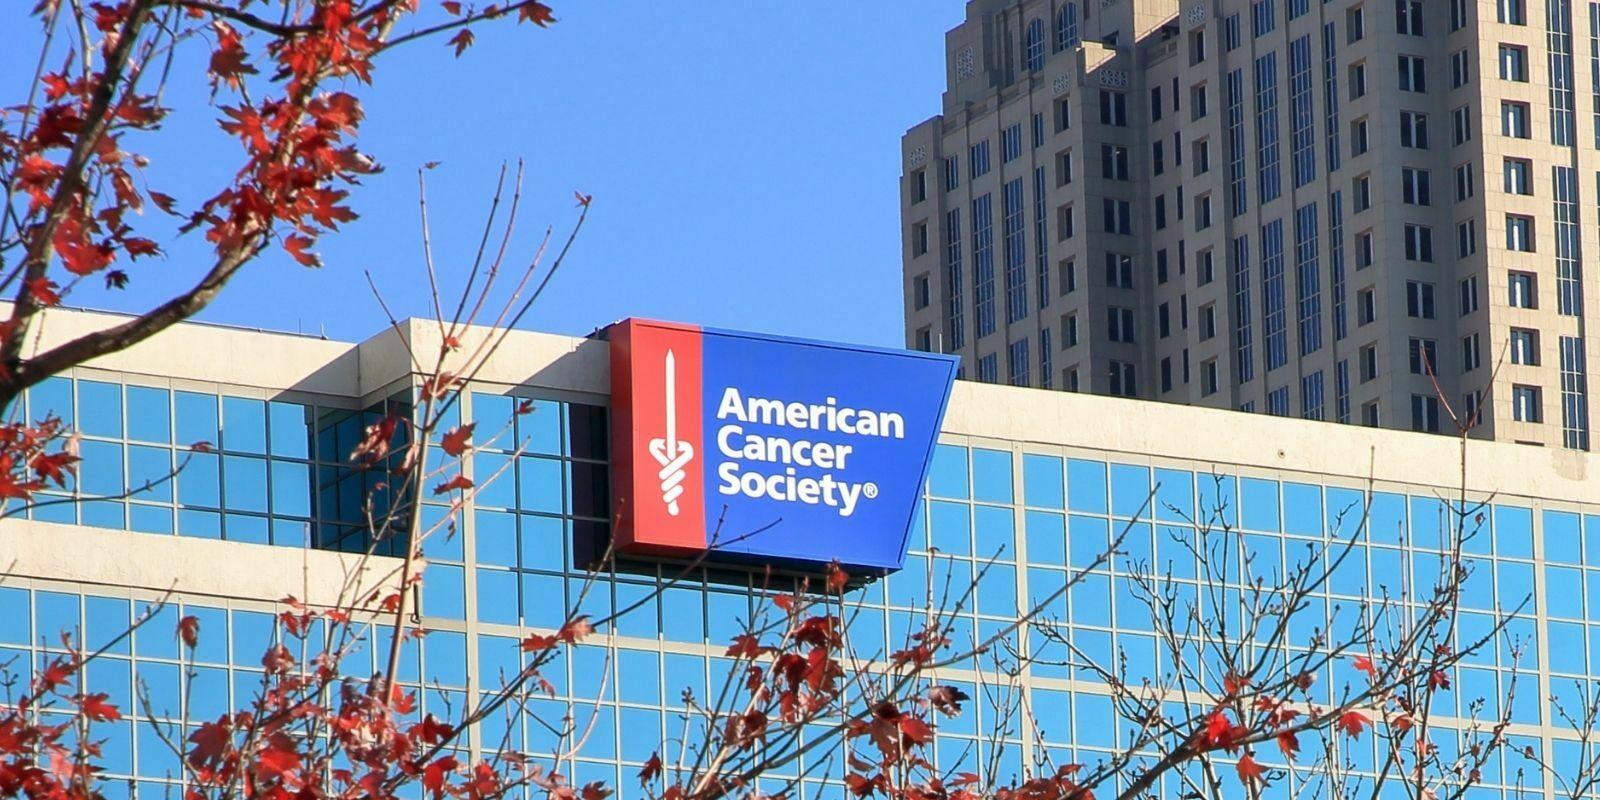 L'American Cancer Society lance un fonds pour recueillir des dons en cryptomonnaies